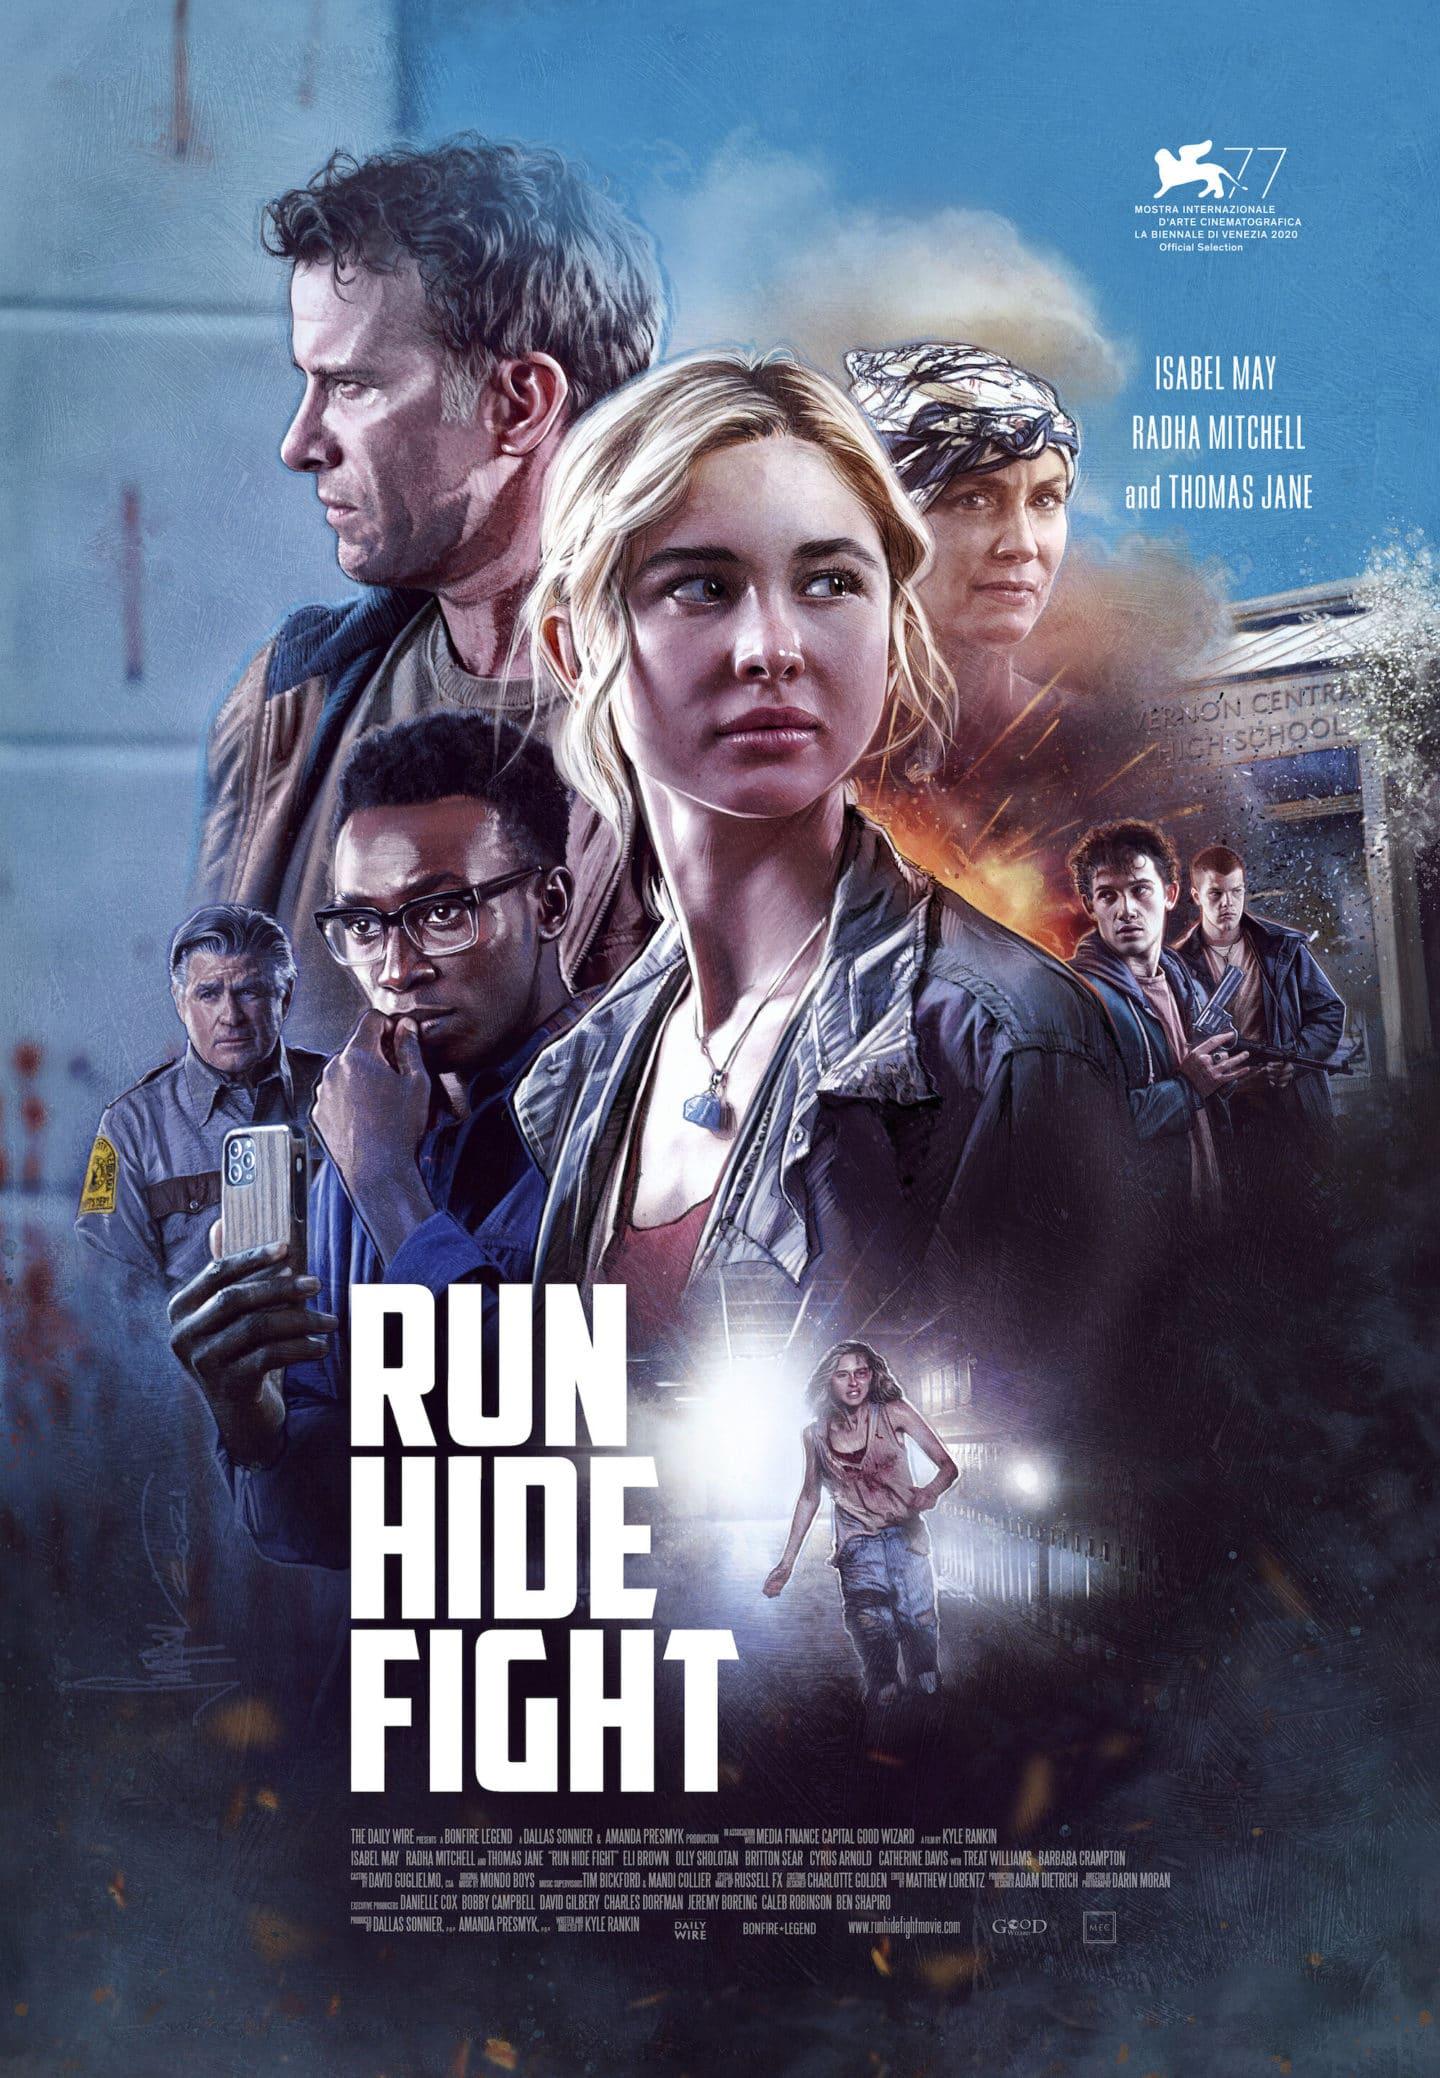 Run Hide Fight – Teaser Poster